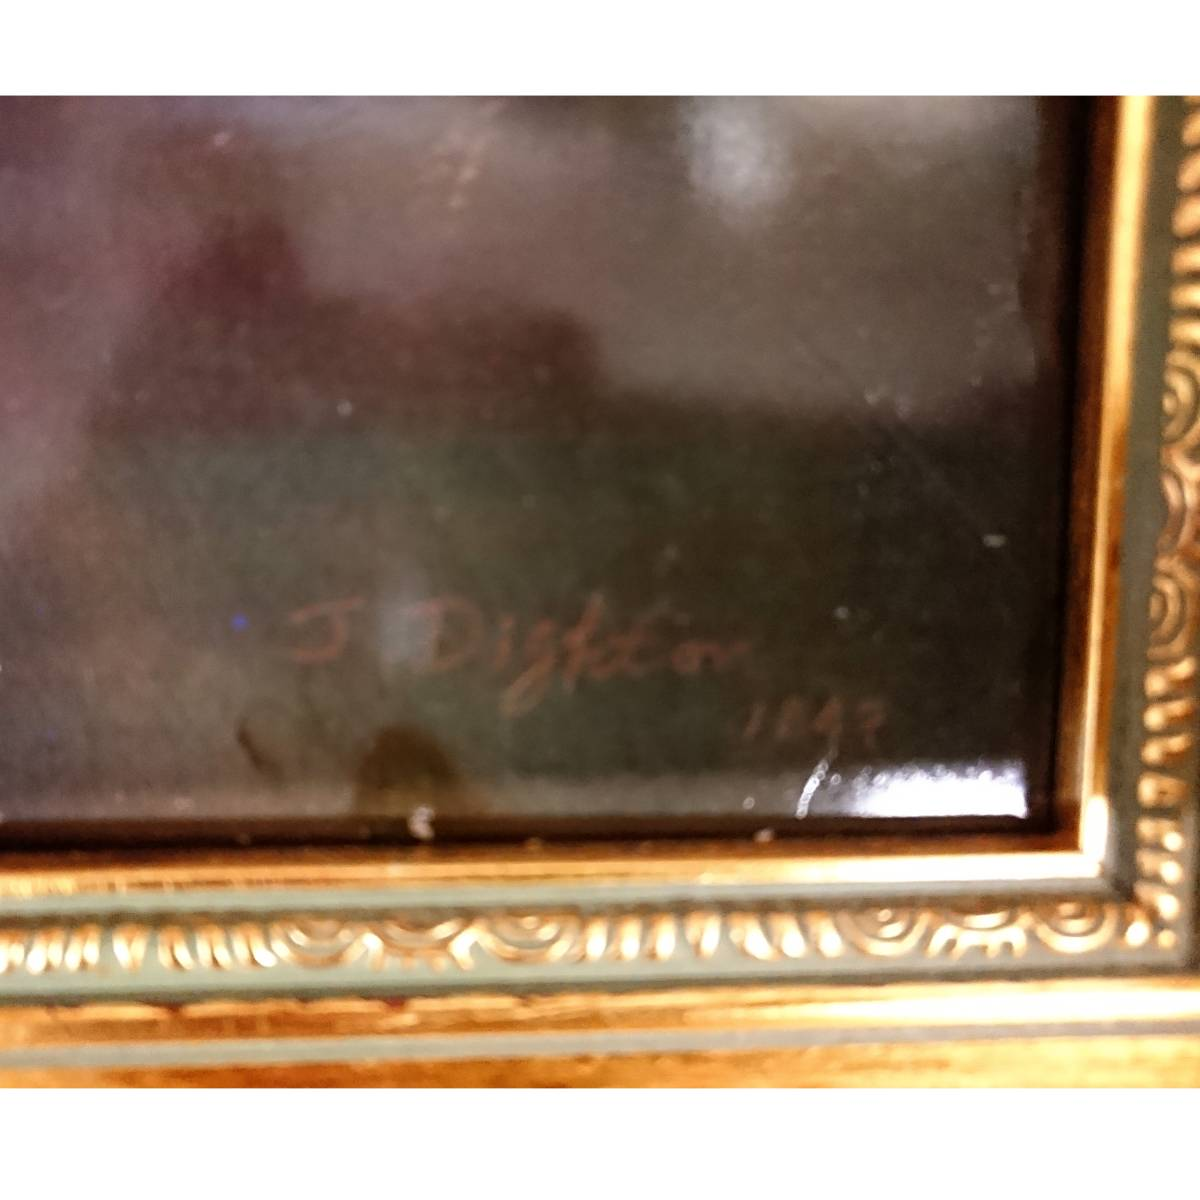 美麗 華麗 ロイヤルヴィエナ 額装 陶版画 大パネル 40㎝ 船港湾 美麗 額装 大型船出航図_画像5